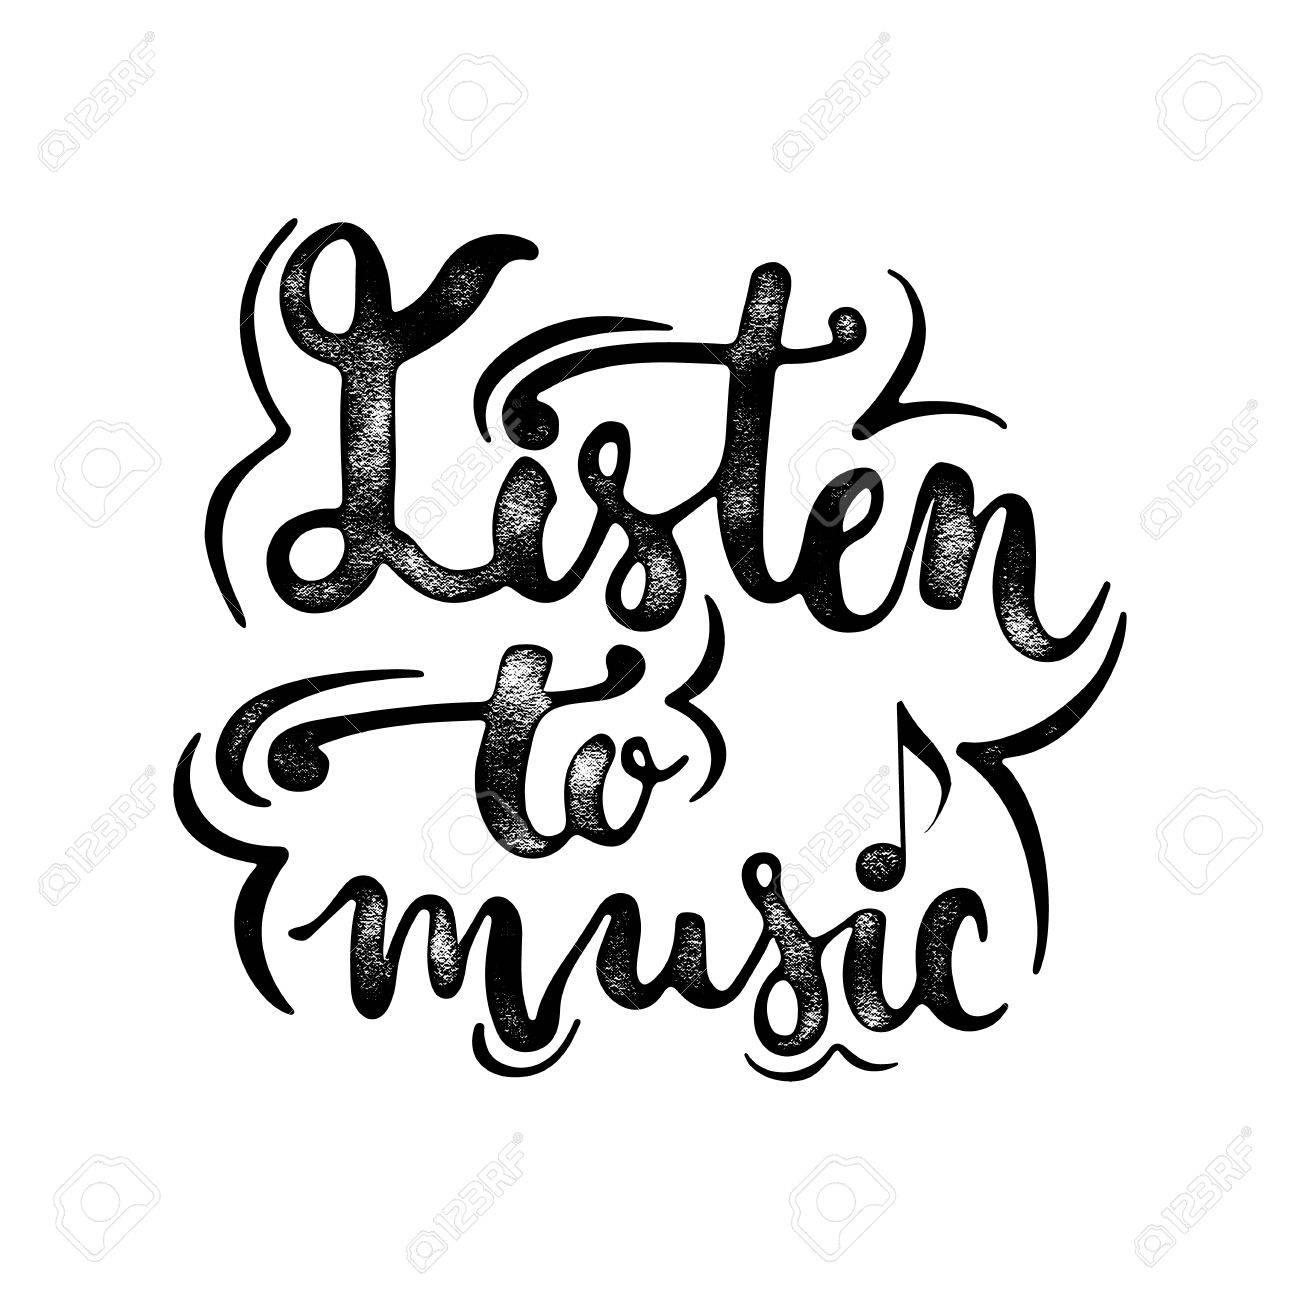 Dibujado A Mano La Tipografía Grunge Textura Frase Letras Escucha La Música Aislada En El Fondo Blanco Caligrafía Moderna Para El Saludo De La